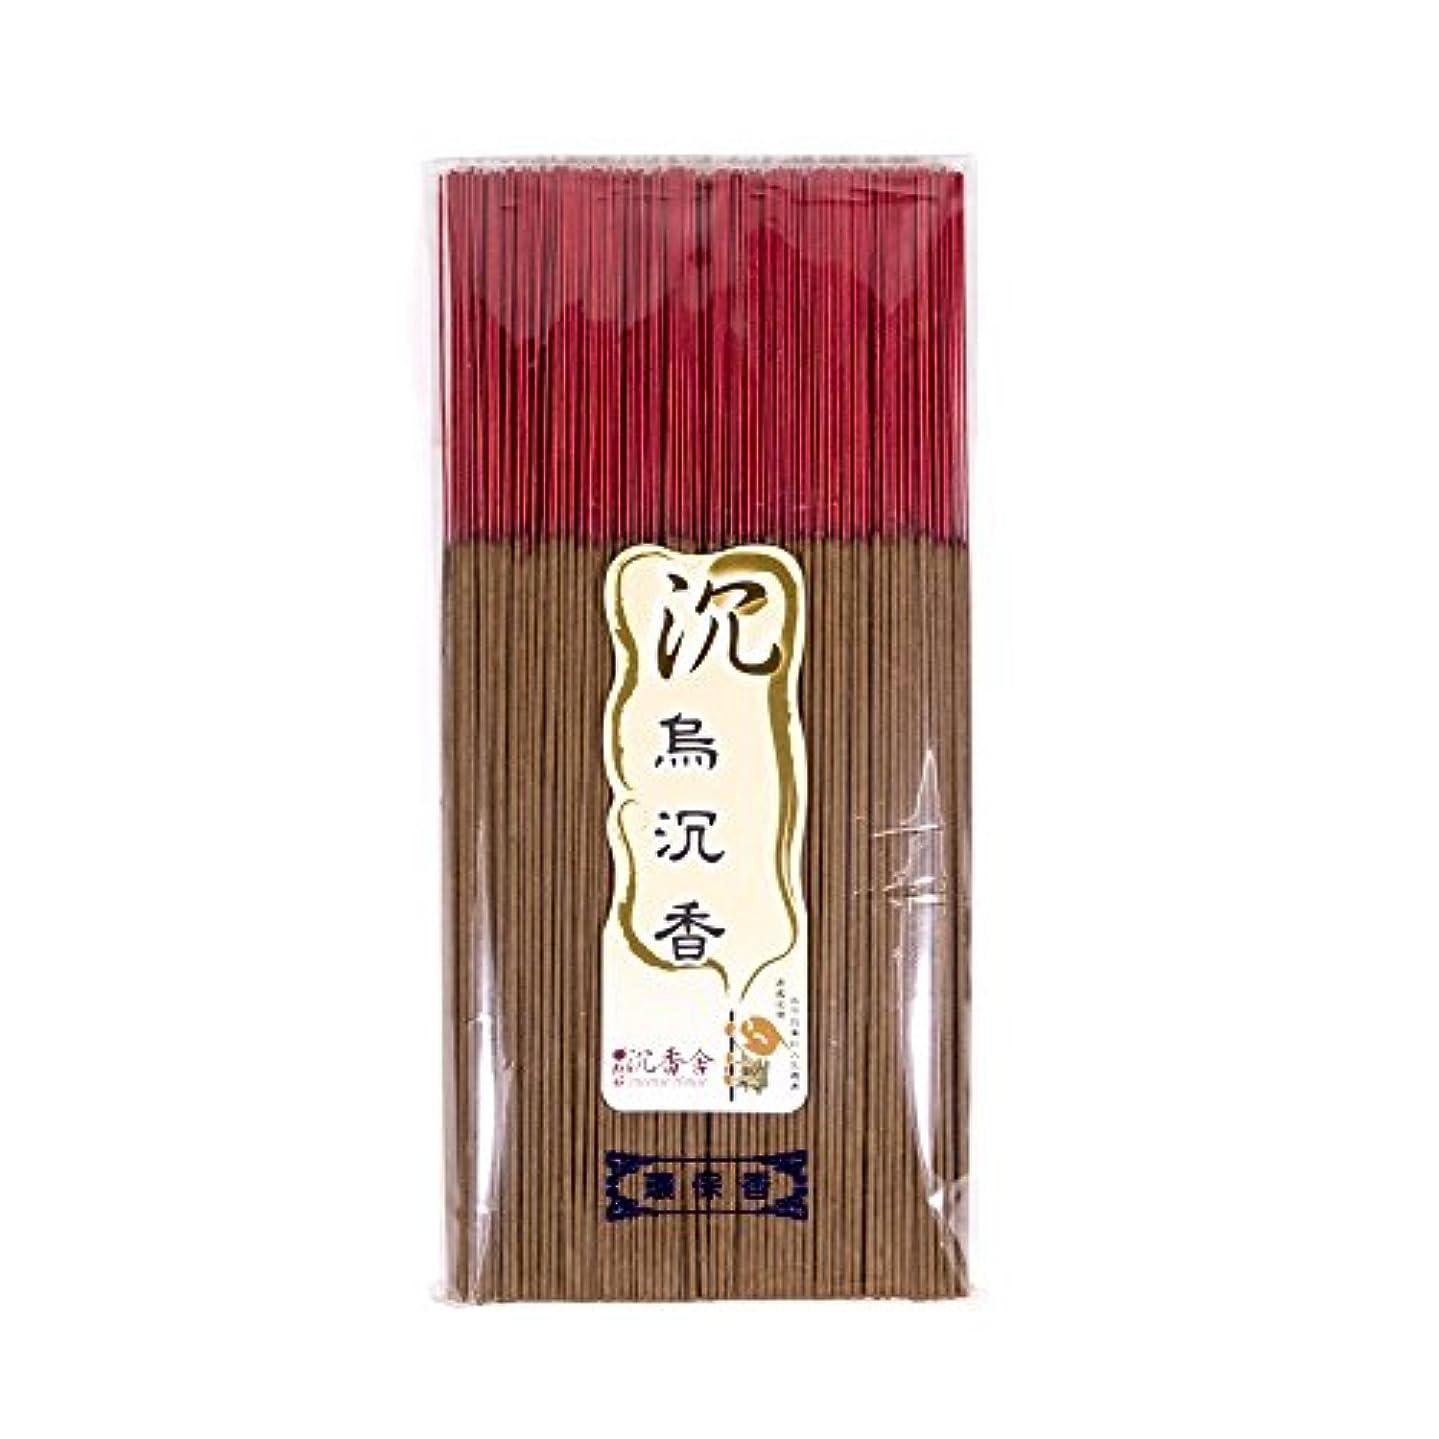 ピック拍手する女性台湾沉香舍 烏沈香 台湾のお香家 - 沈香 30cm (木支香) 300g 約400本